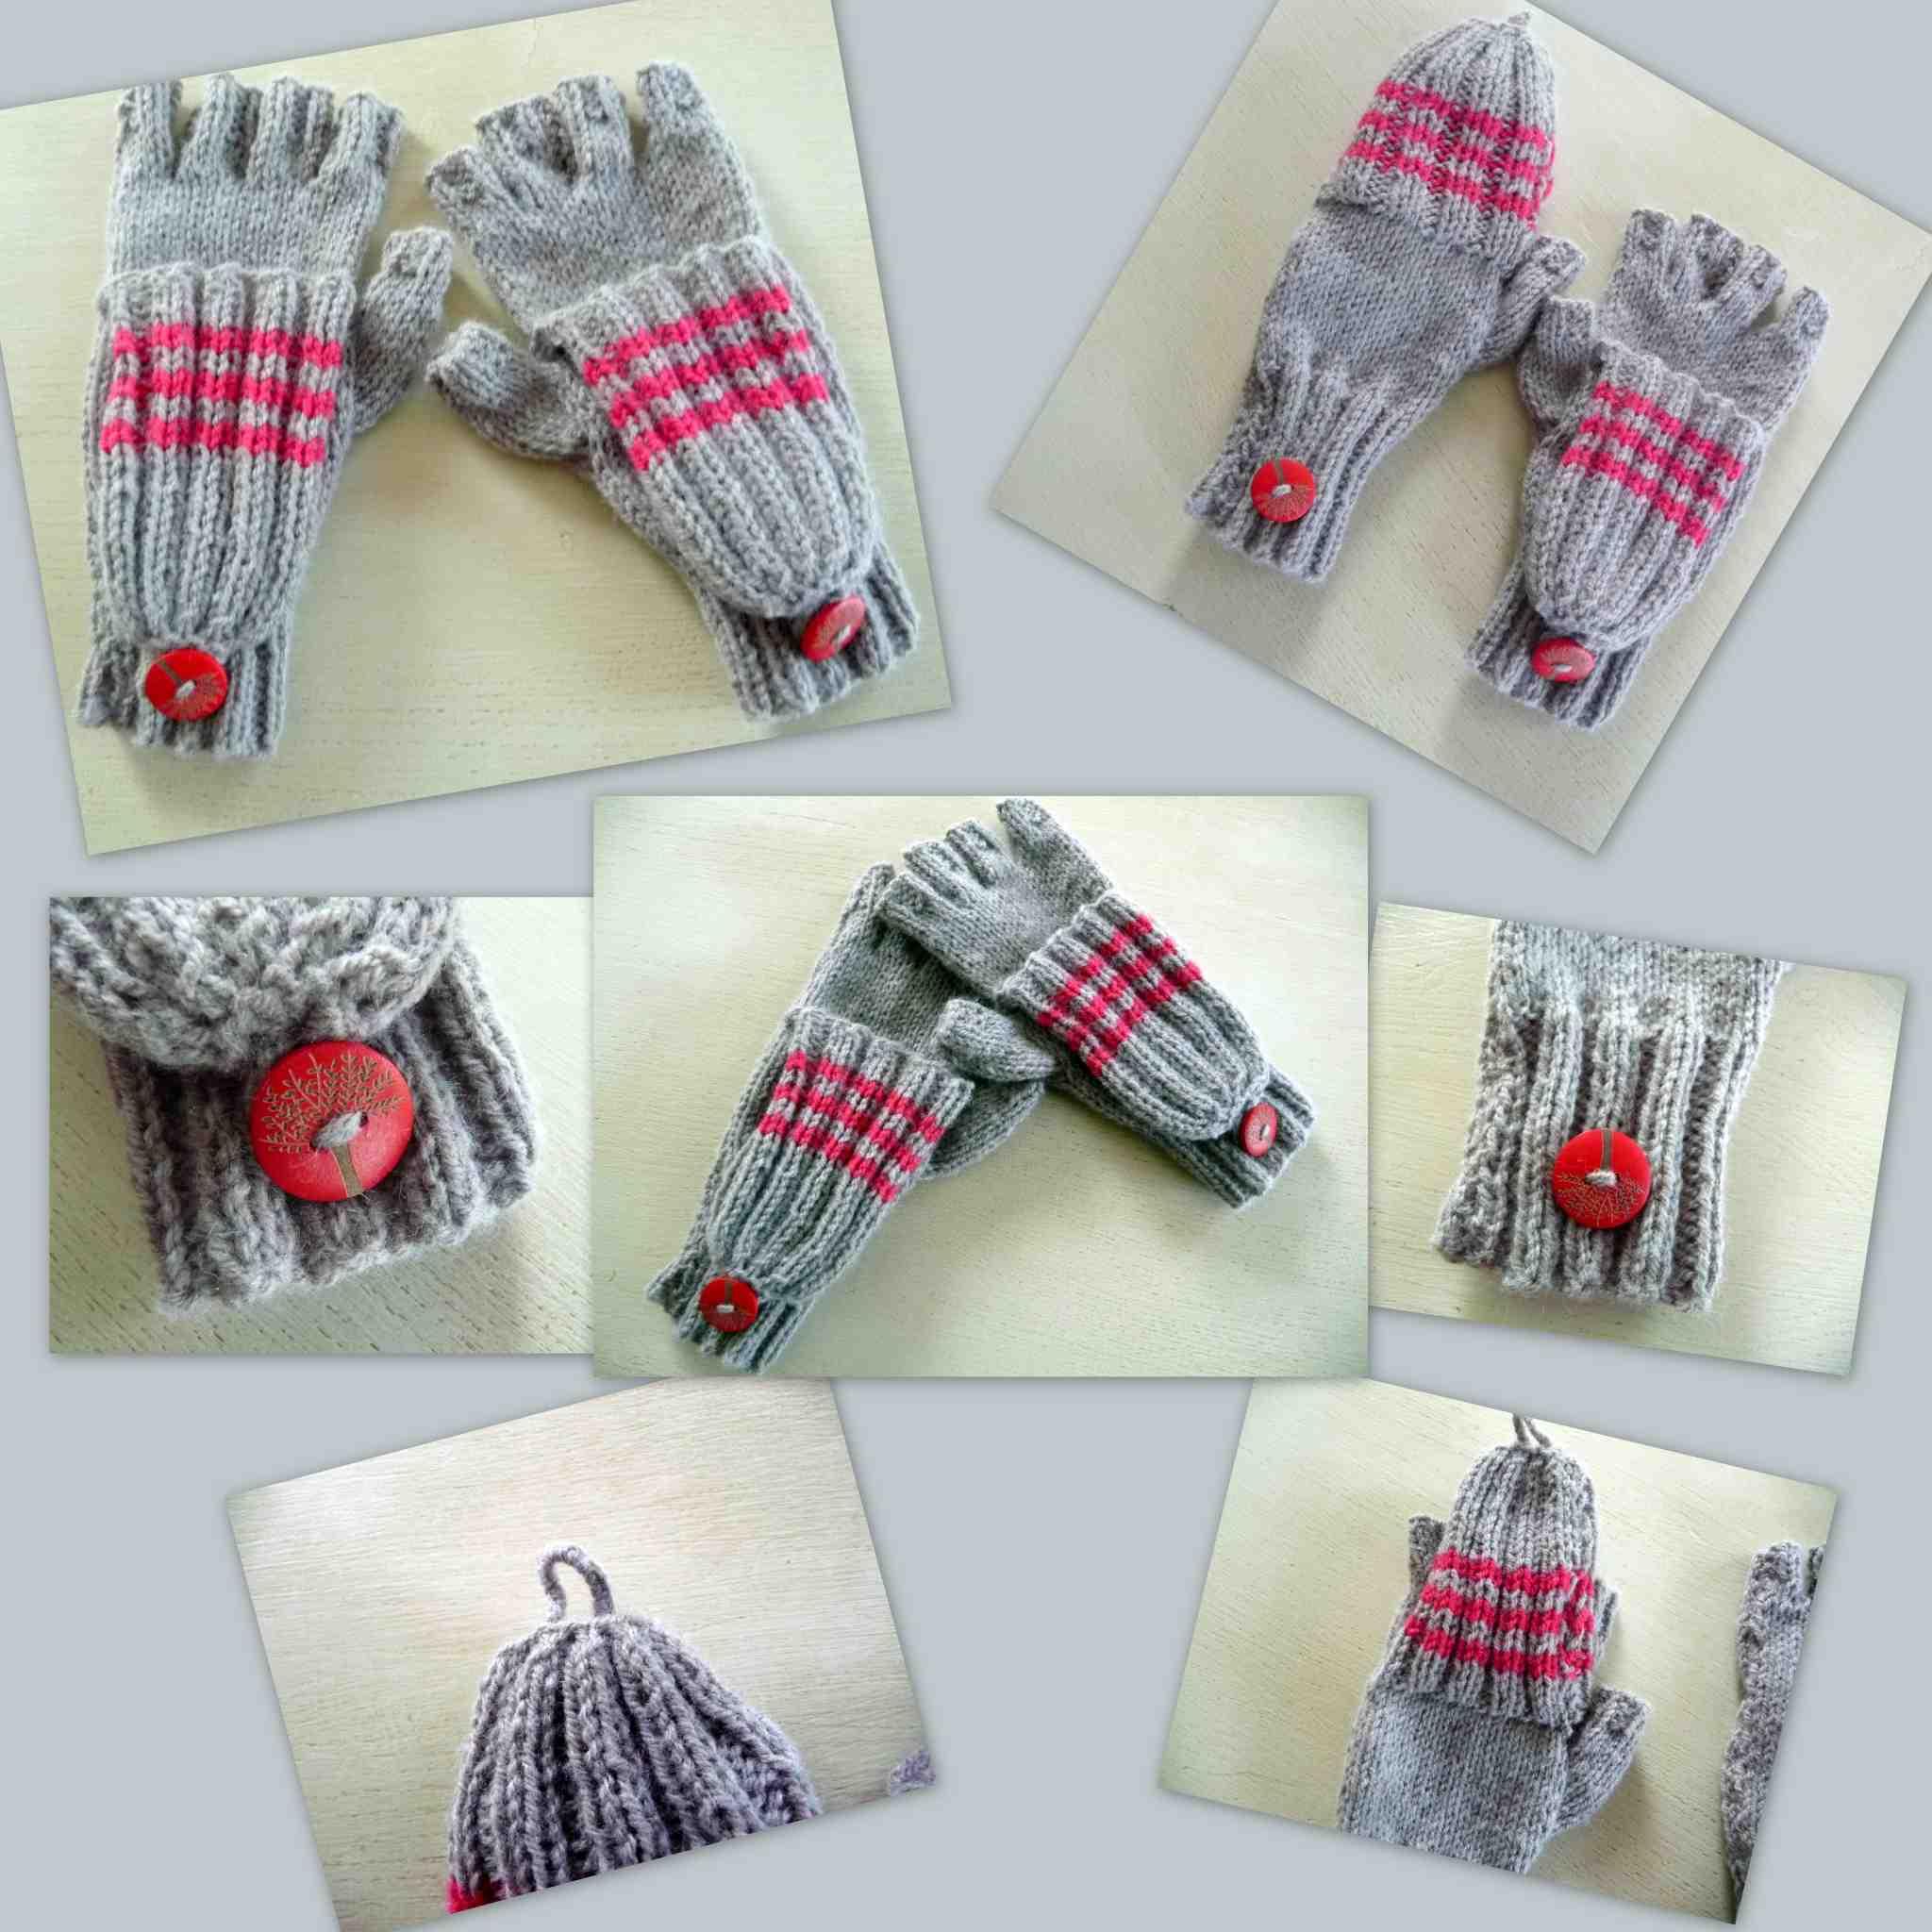 Comment tricoter des gants sans doigts?